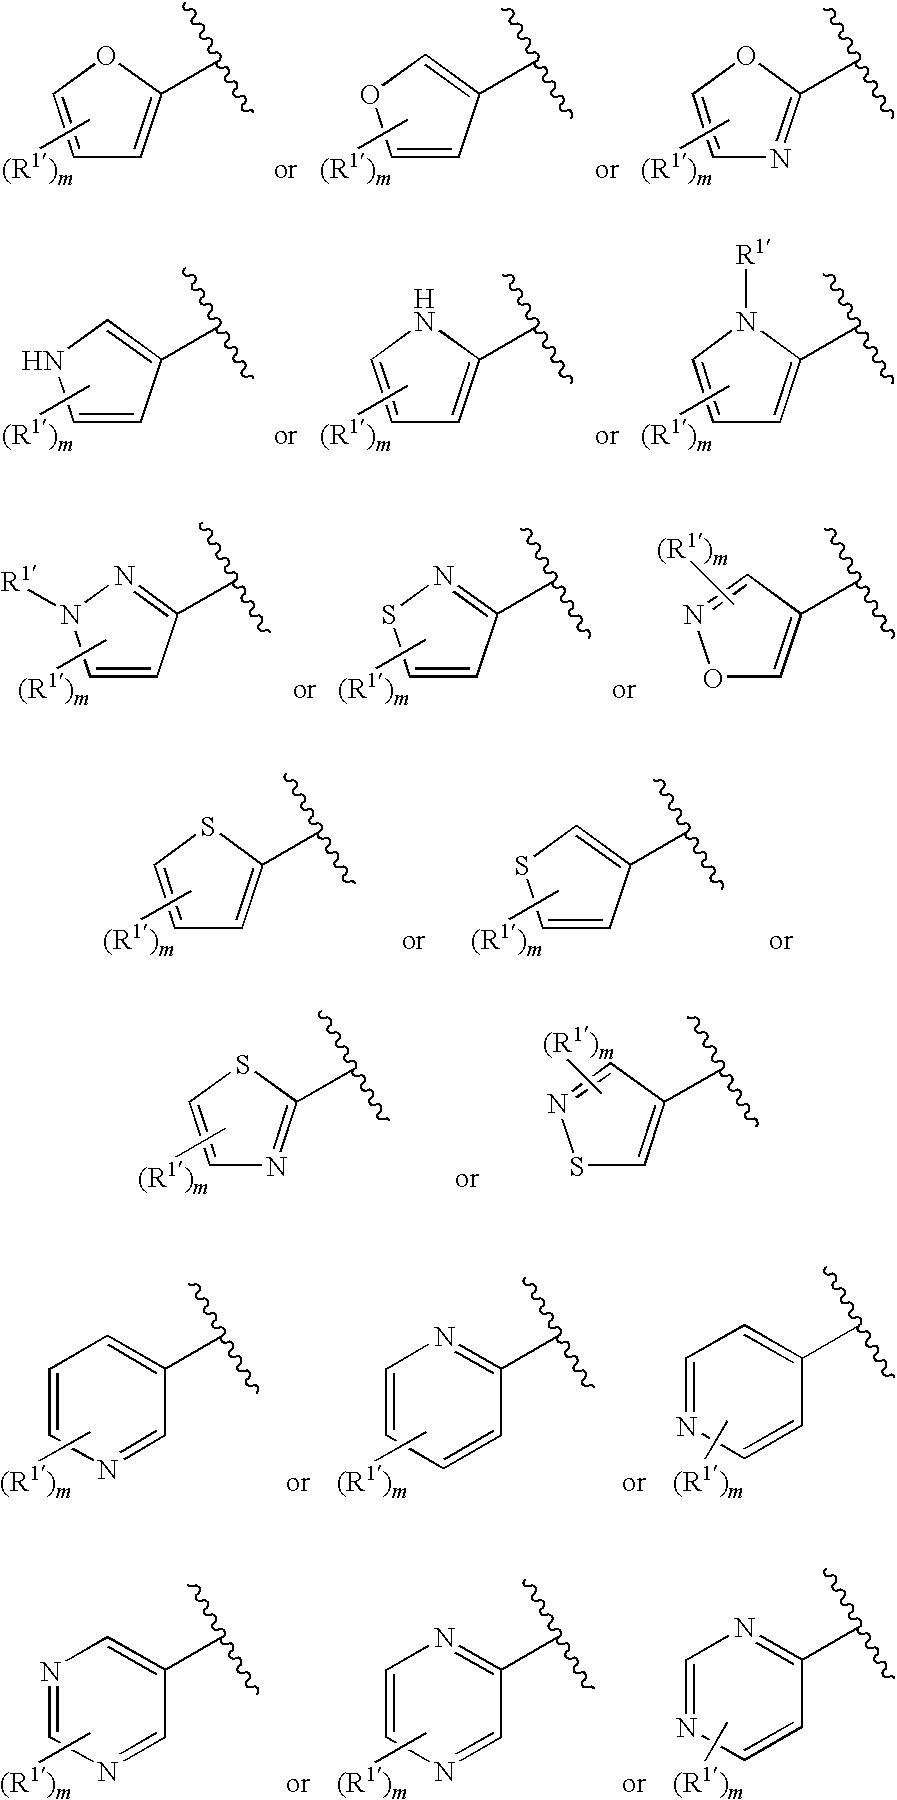 Figure US20090111834A1-20090430-C00015